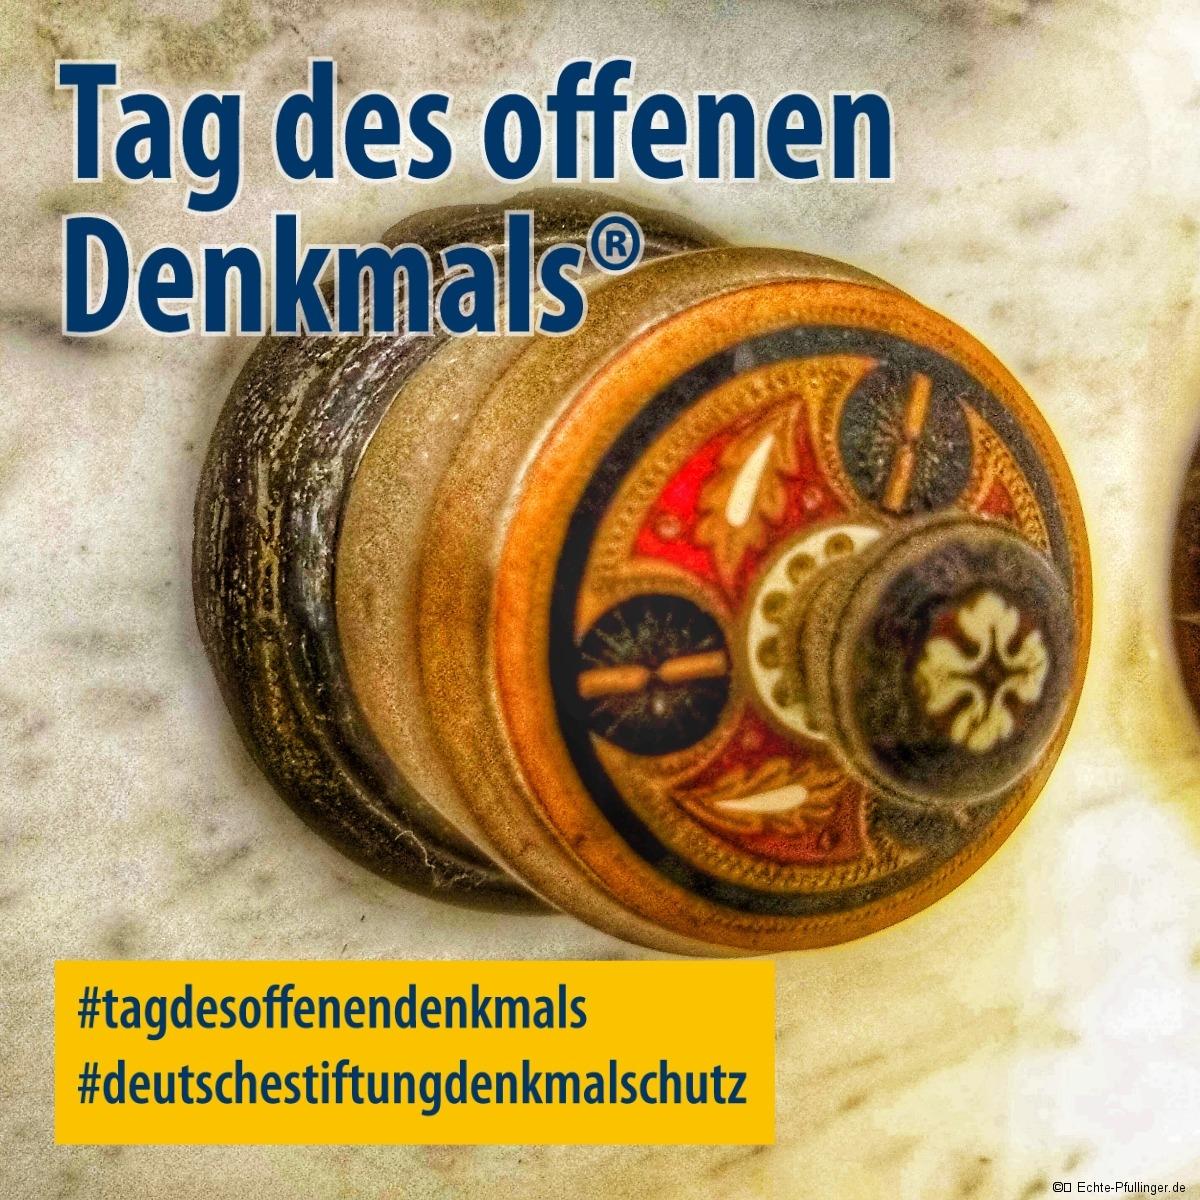 IMG_20180902_1618469782-01-tag_des_offenen_denkmals-facebook